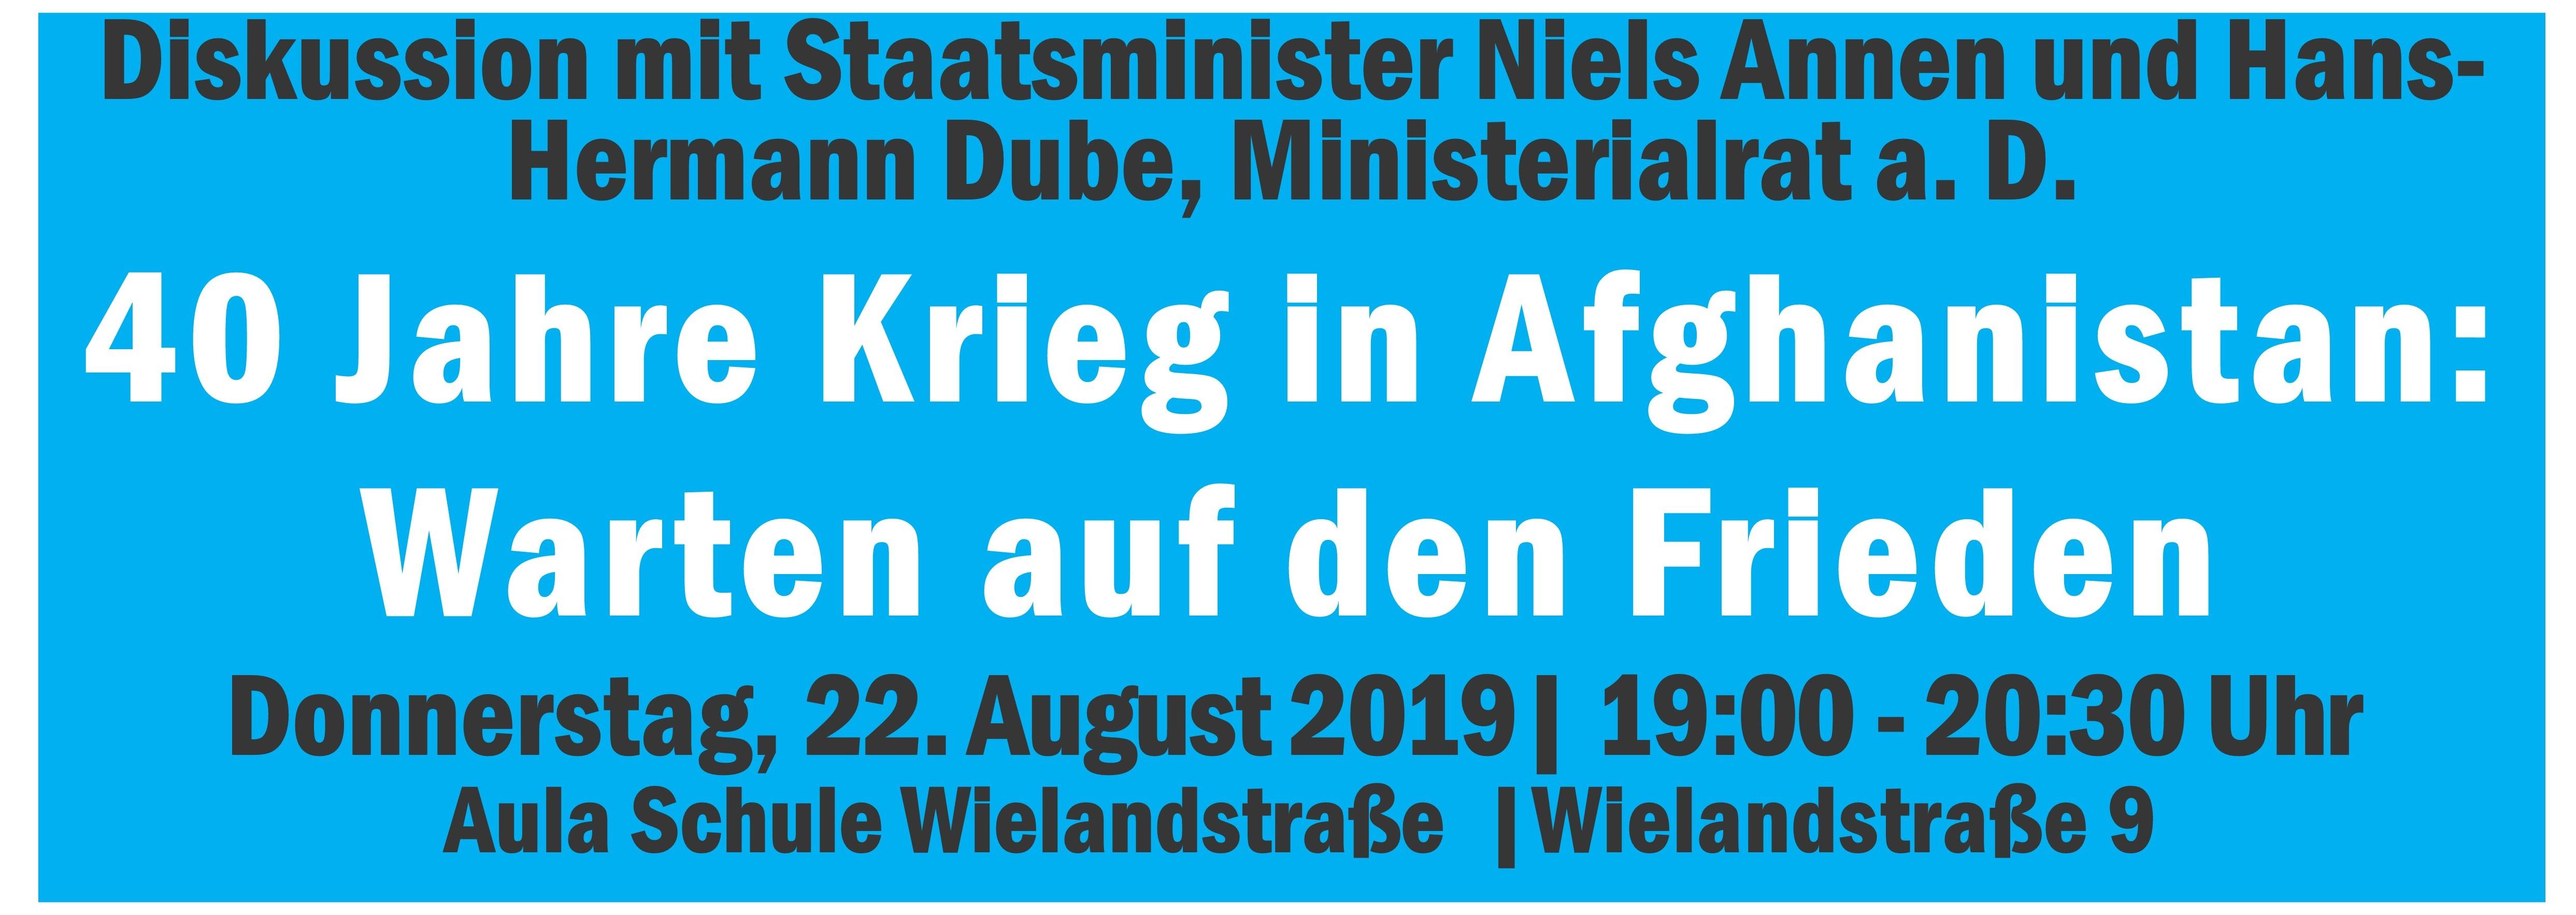 Einladung zur Diskussionsveranstaltung zu Afghanistan mit Niels Annen, Staatsminister im Auswärtigen Amt